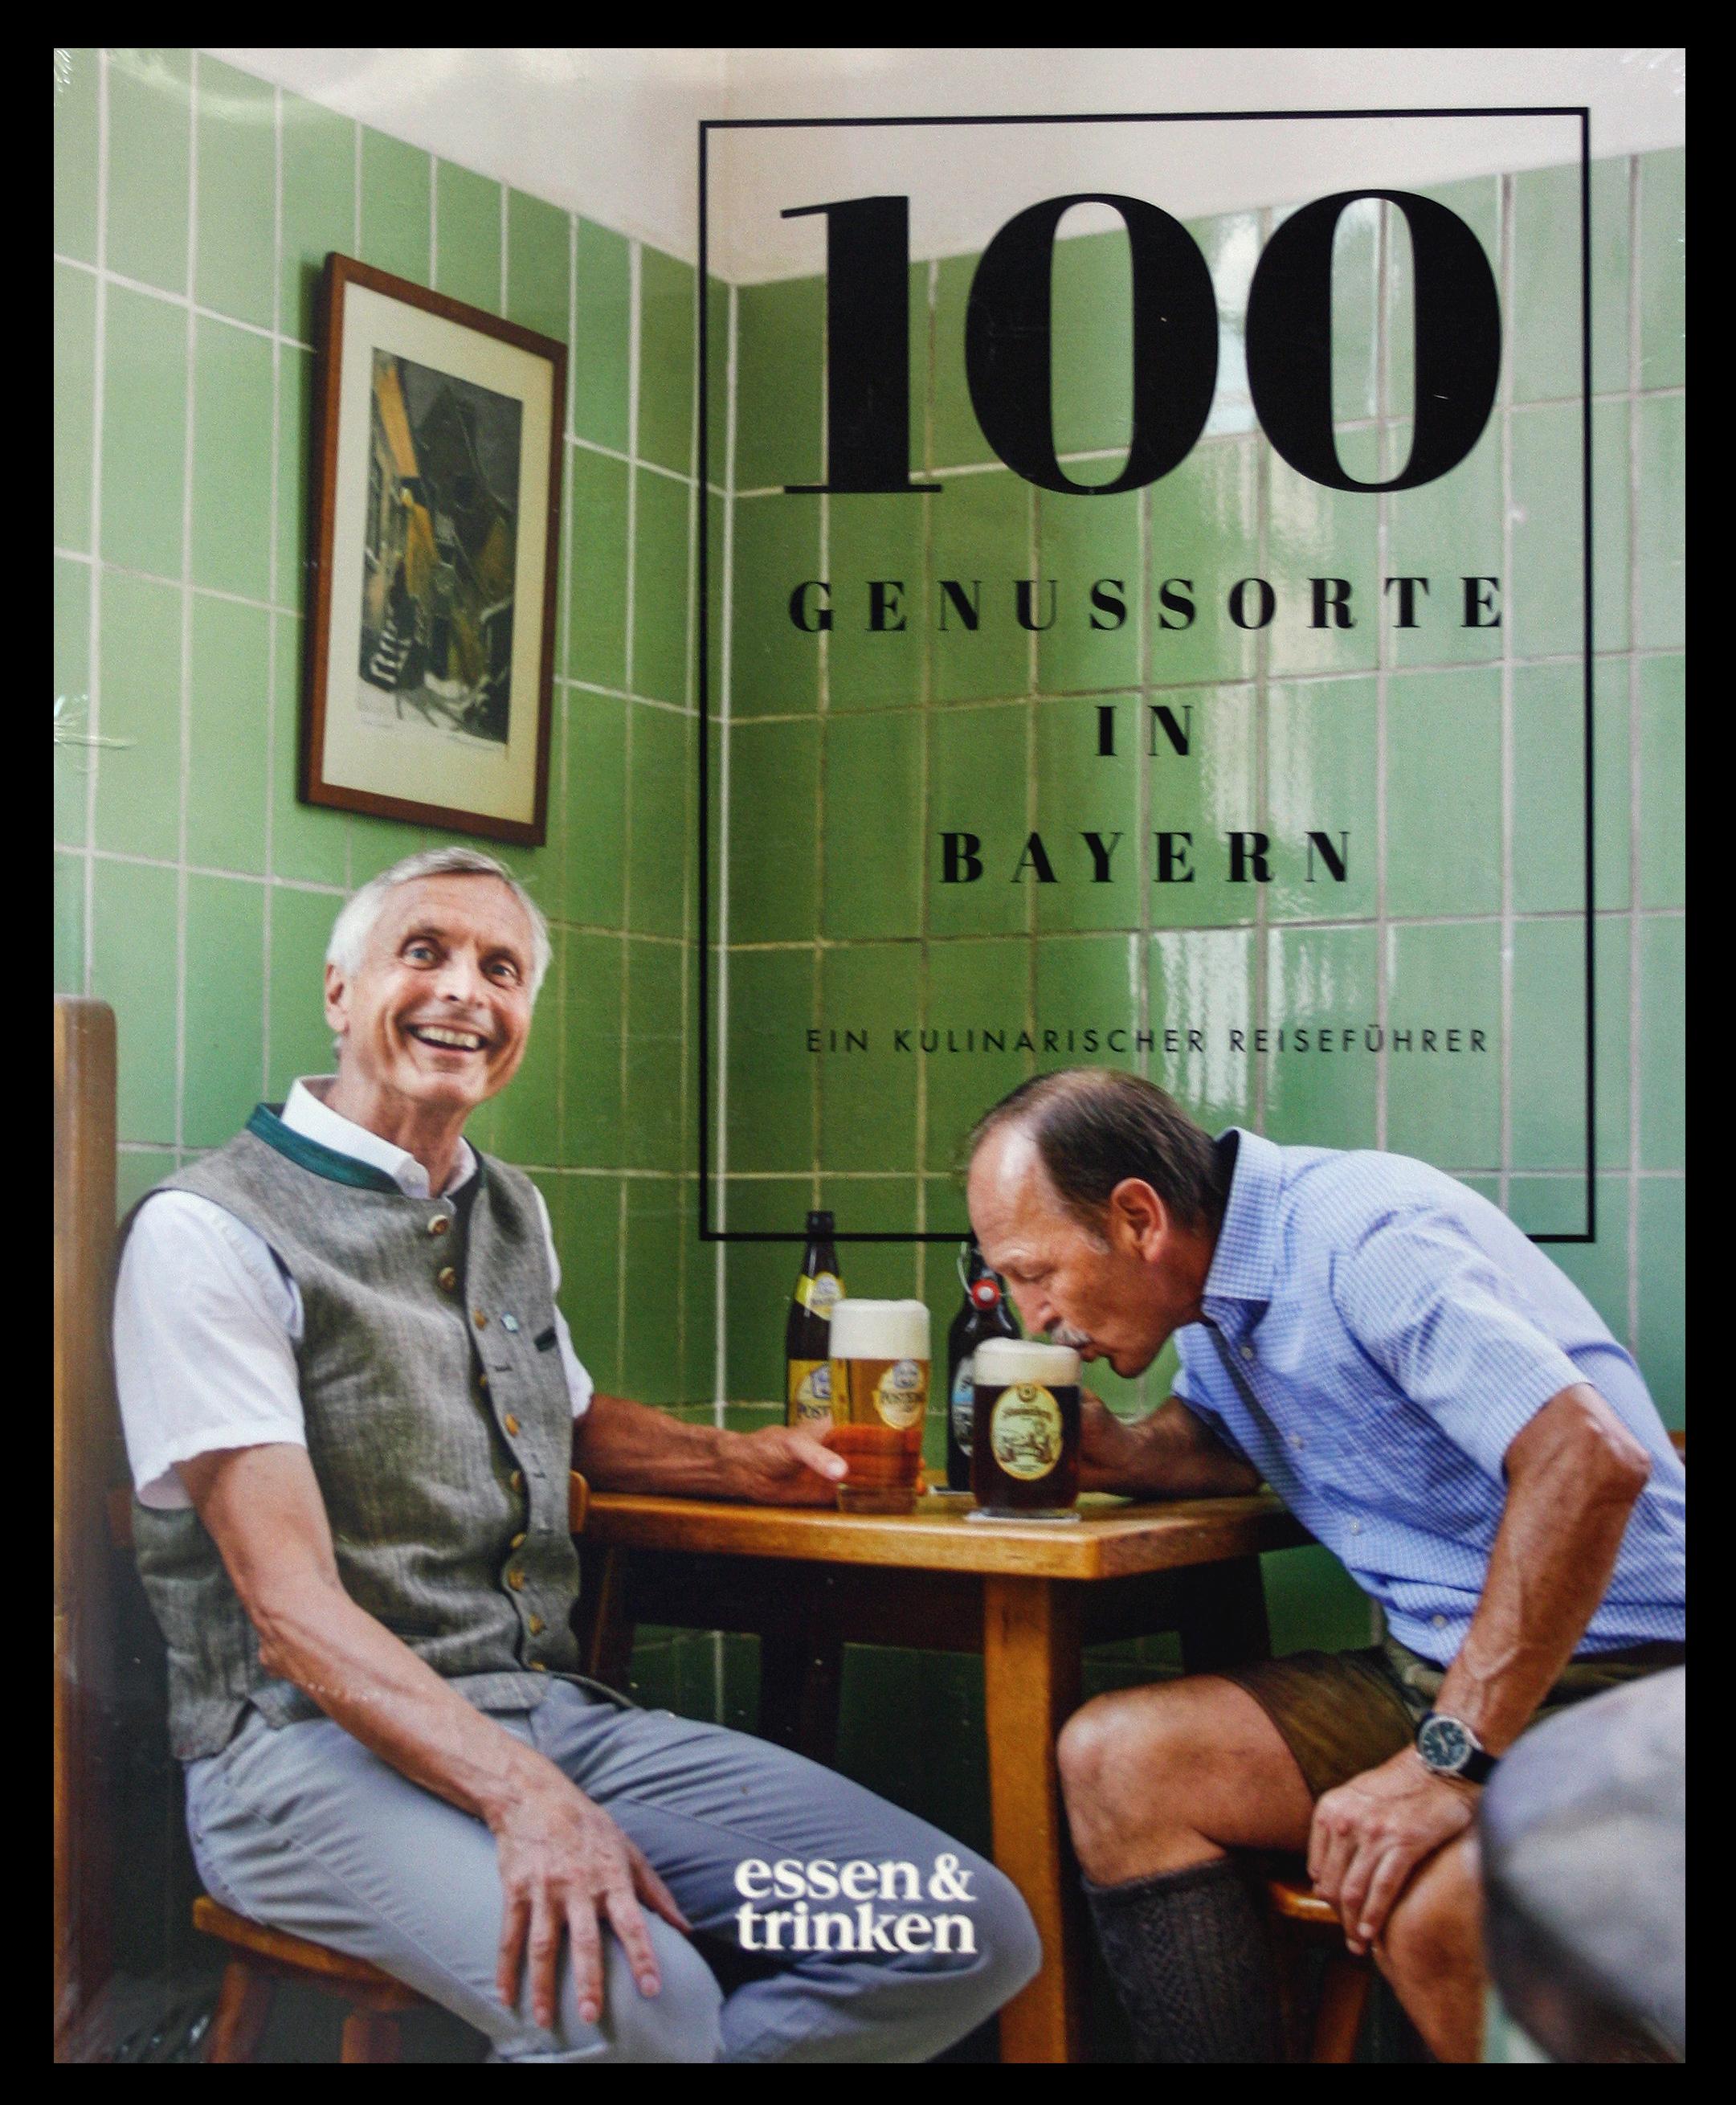 100 Genussorte in Bayern - Ein kulinarischer Reiseführer. Foto: LWG/Florian Generotzky.